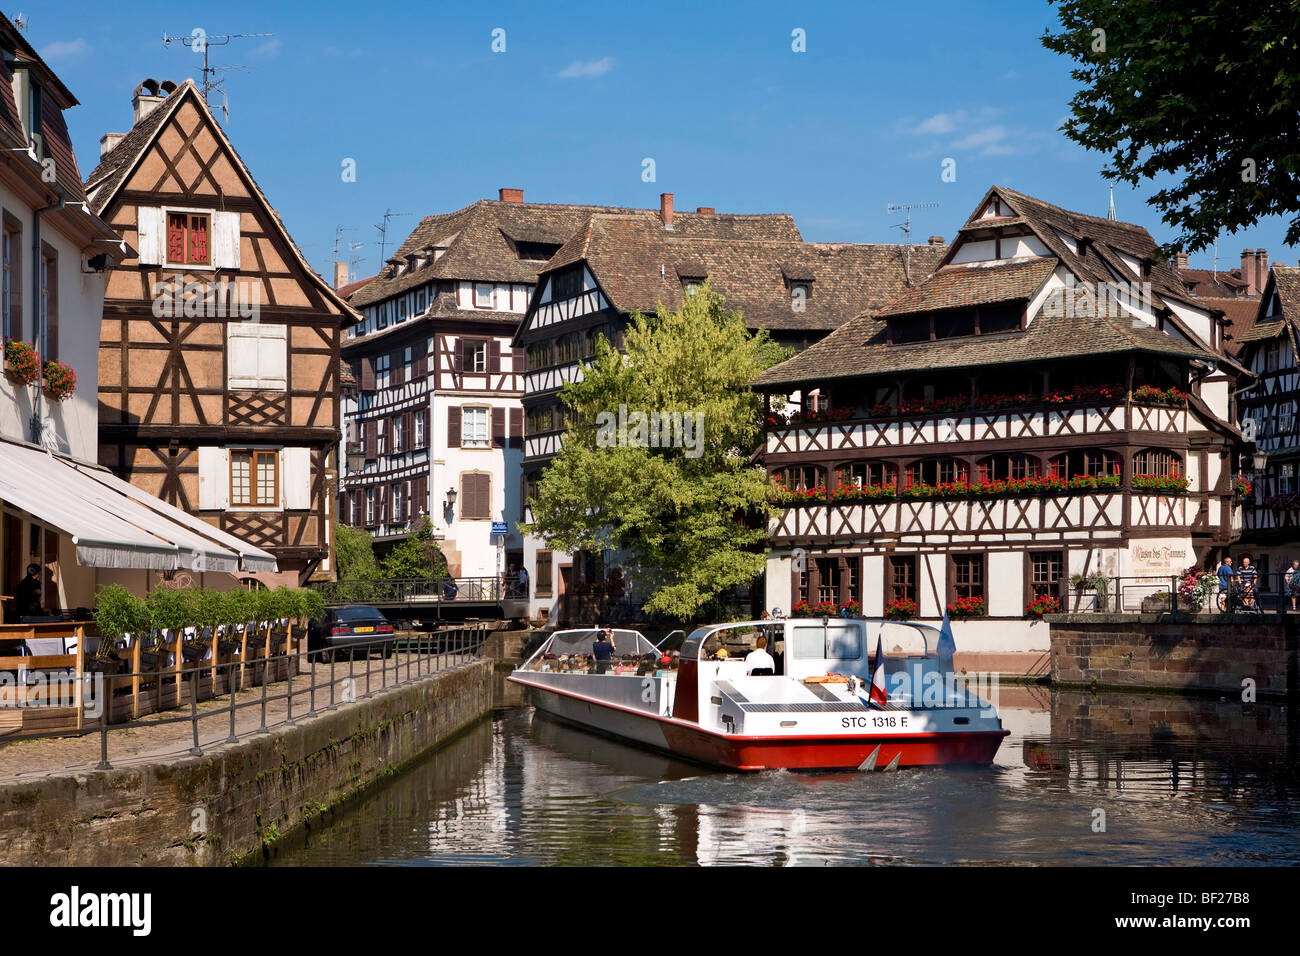 Viaje en barco por el río, el restaurante Maison de Tanneurs, Petite France, Estrasburgo, Alsacia, Francia Imagen De Stock